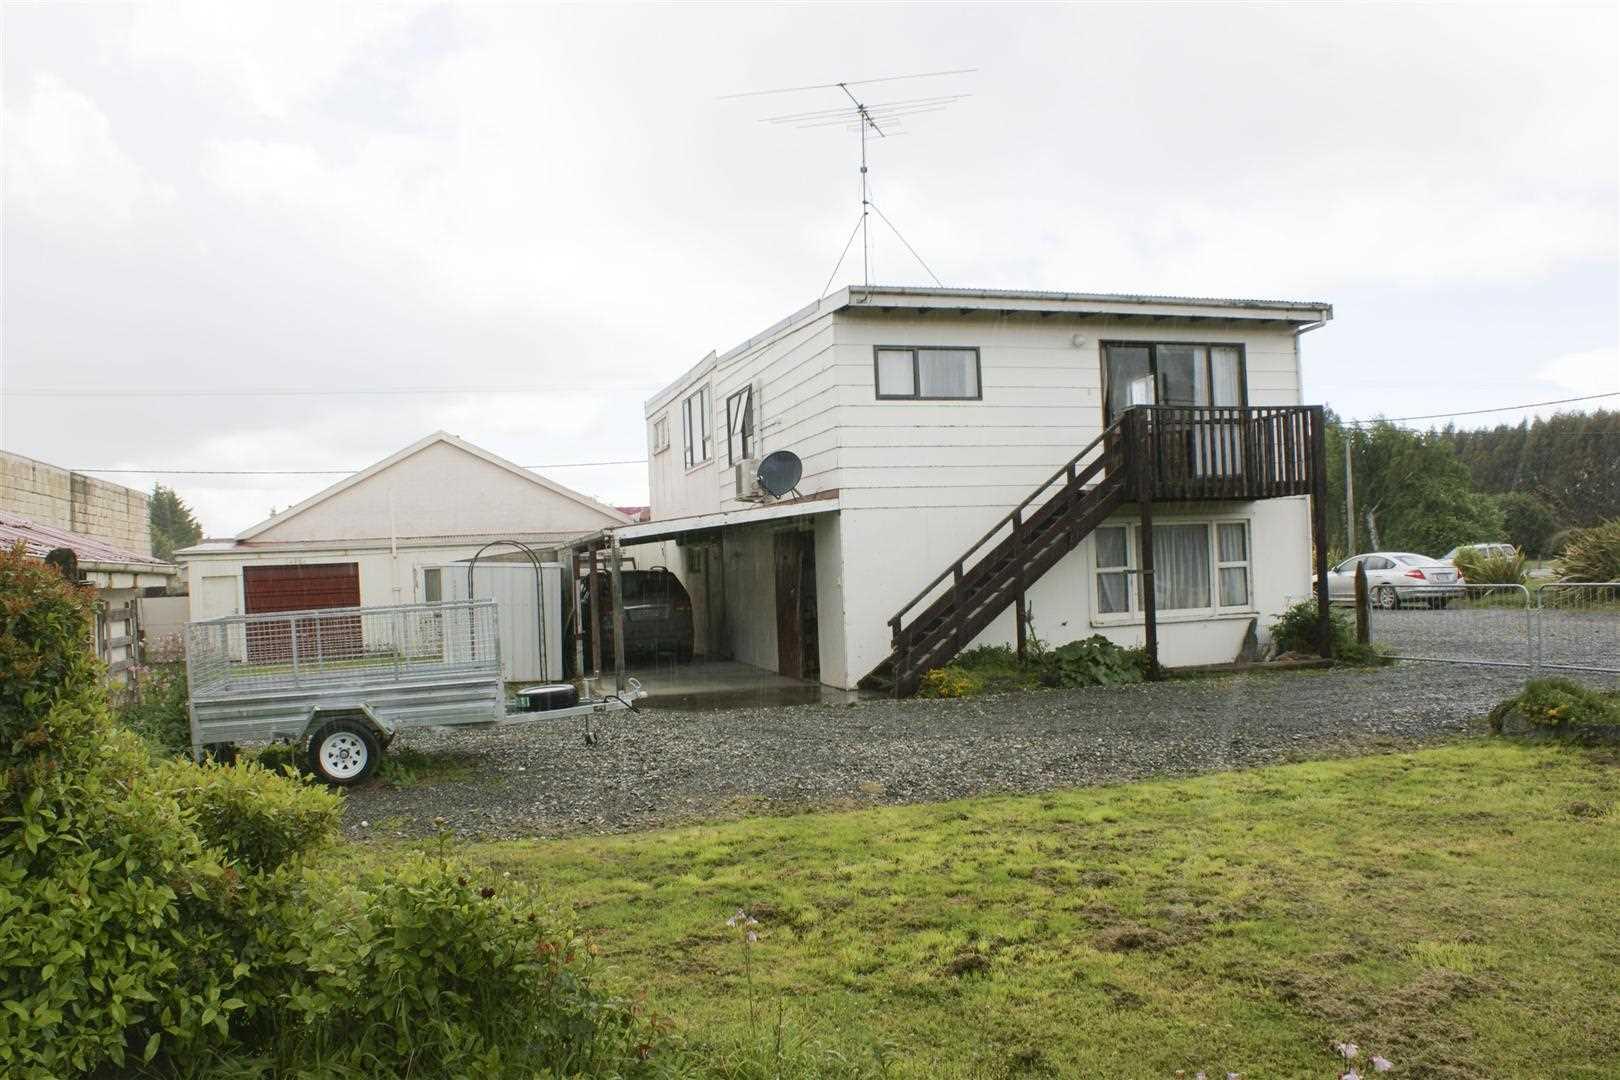 Balfour - 2 Bedroom House, Car Shed & Car Port